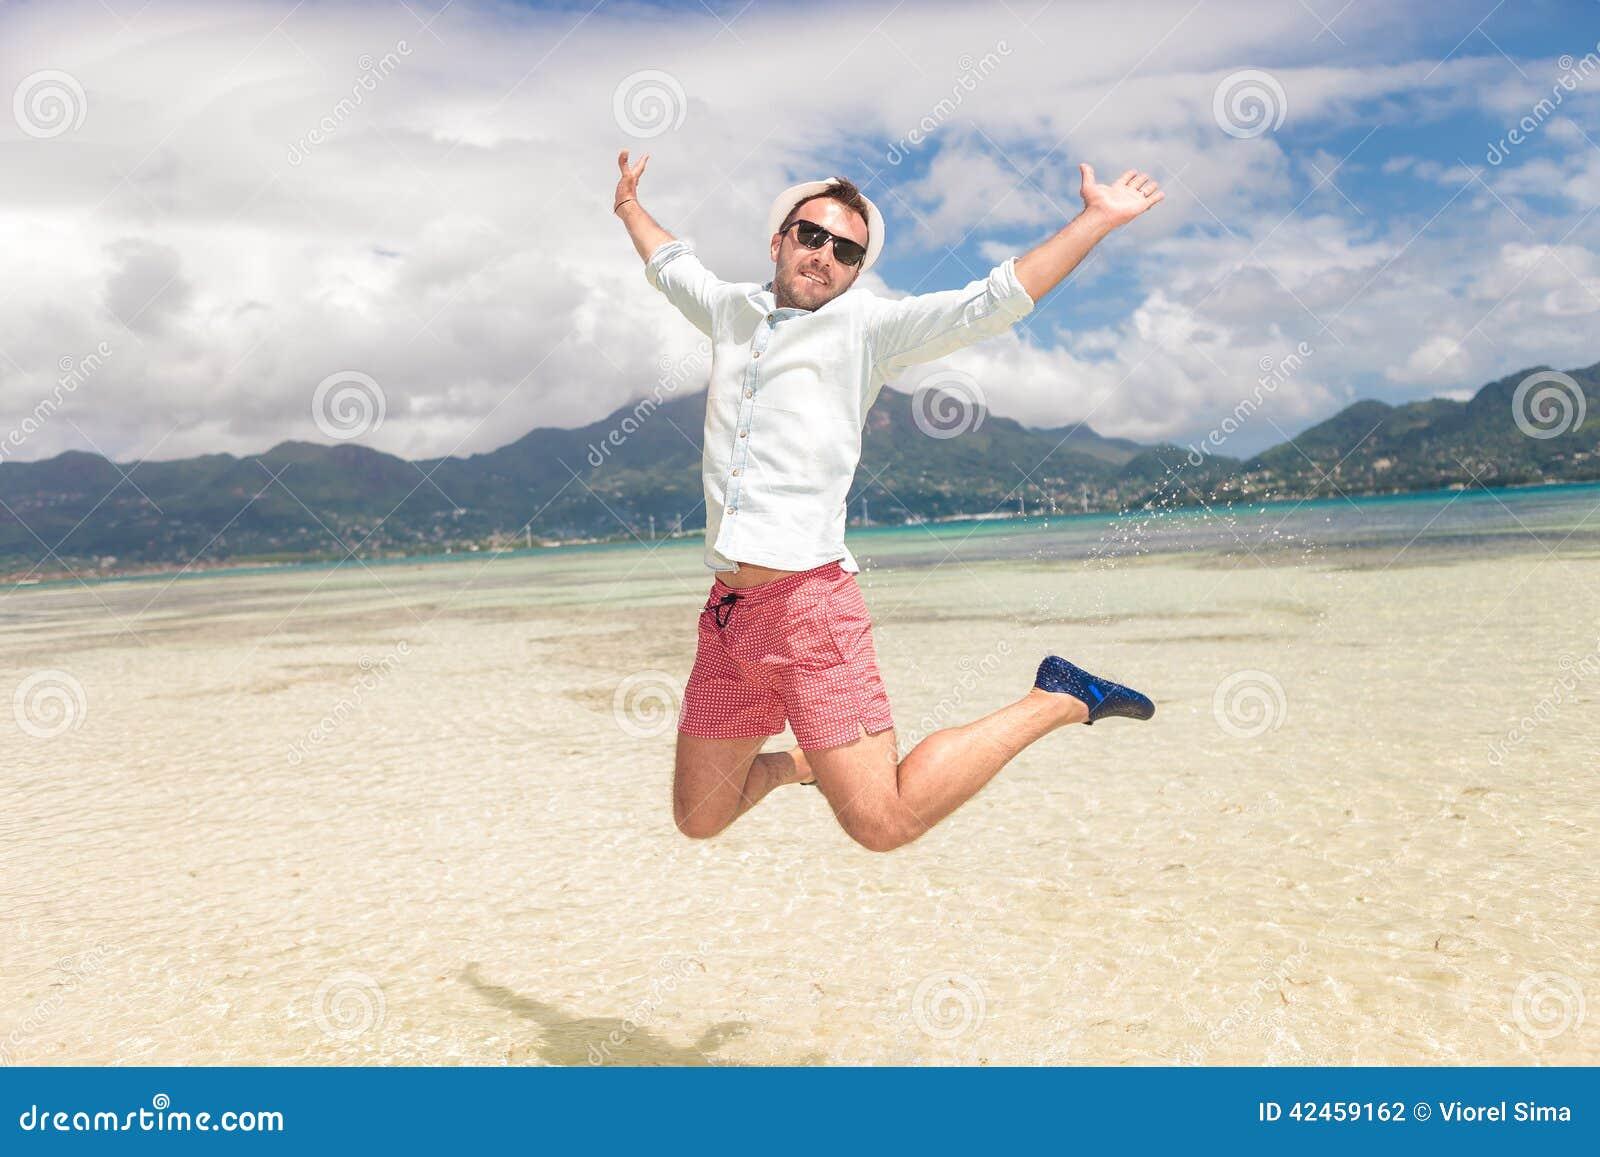 Glückliches Springen des jungen Mannes der Freude auf dem Strand